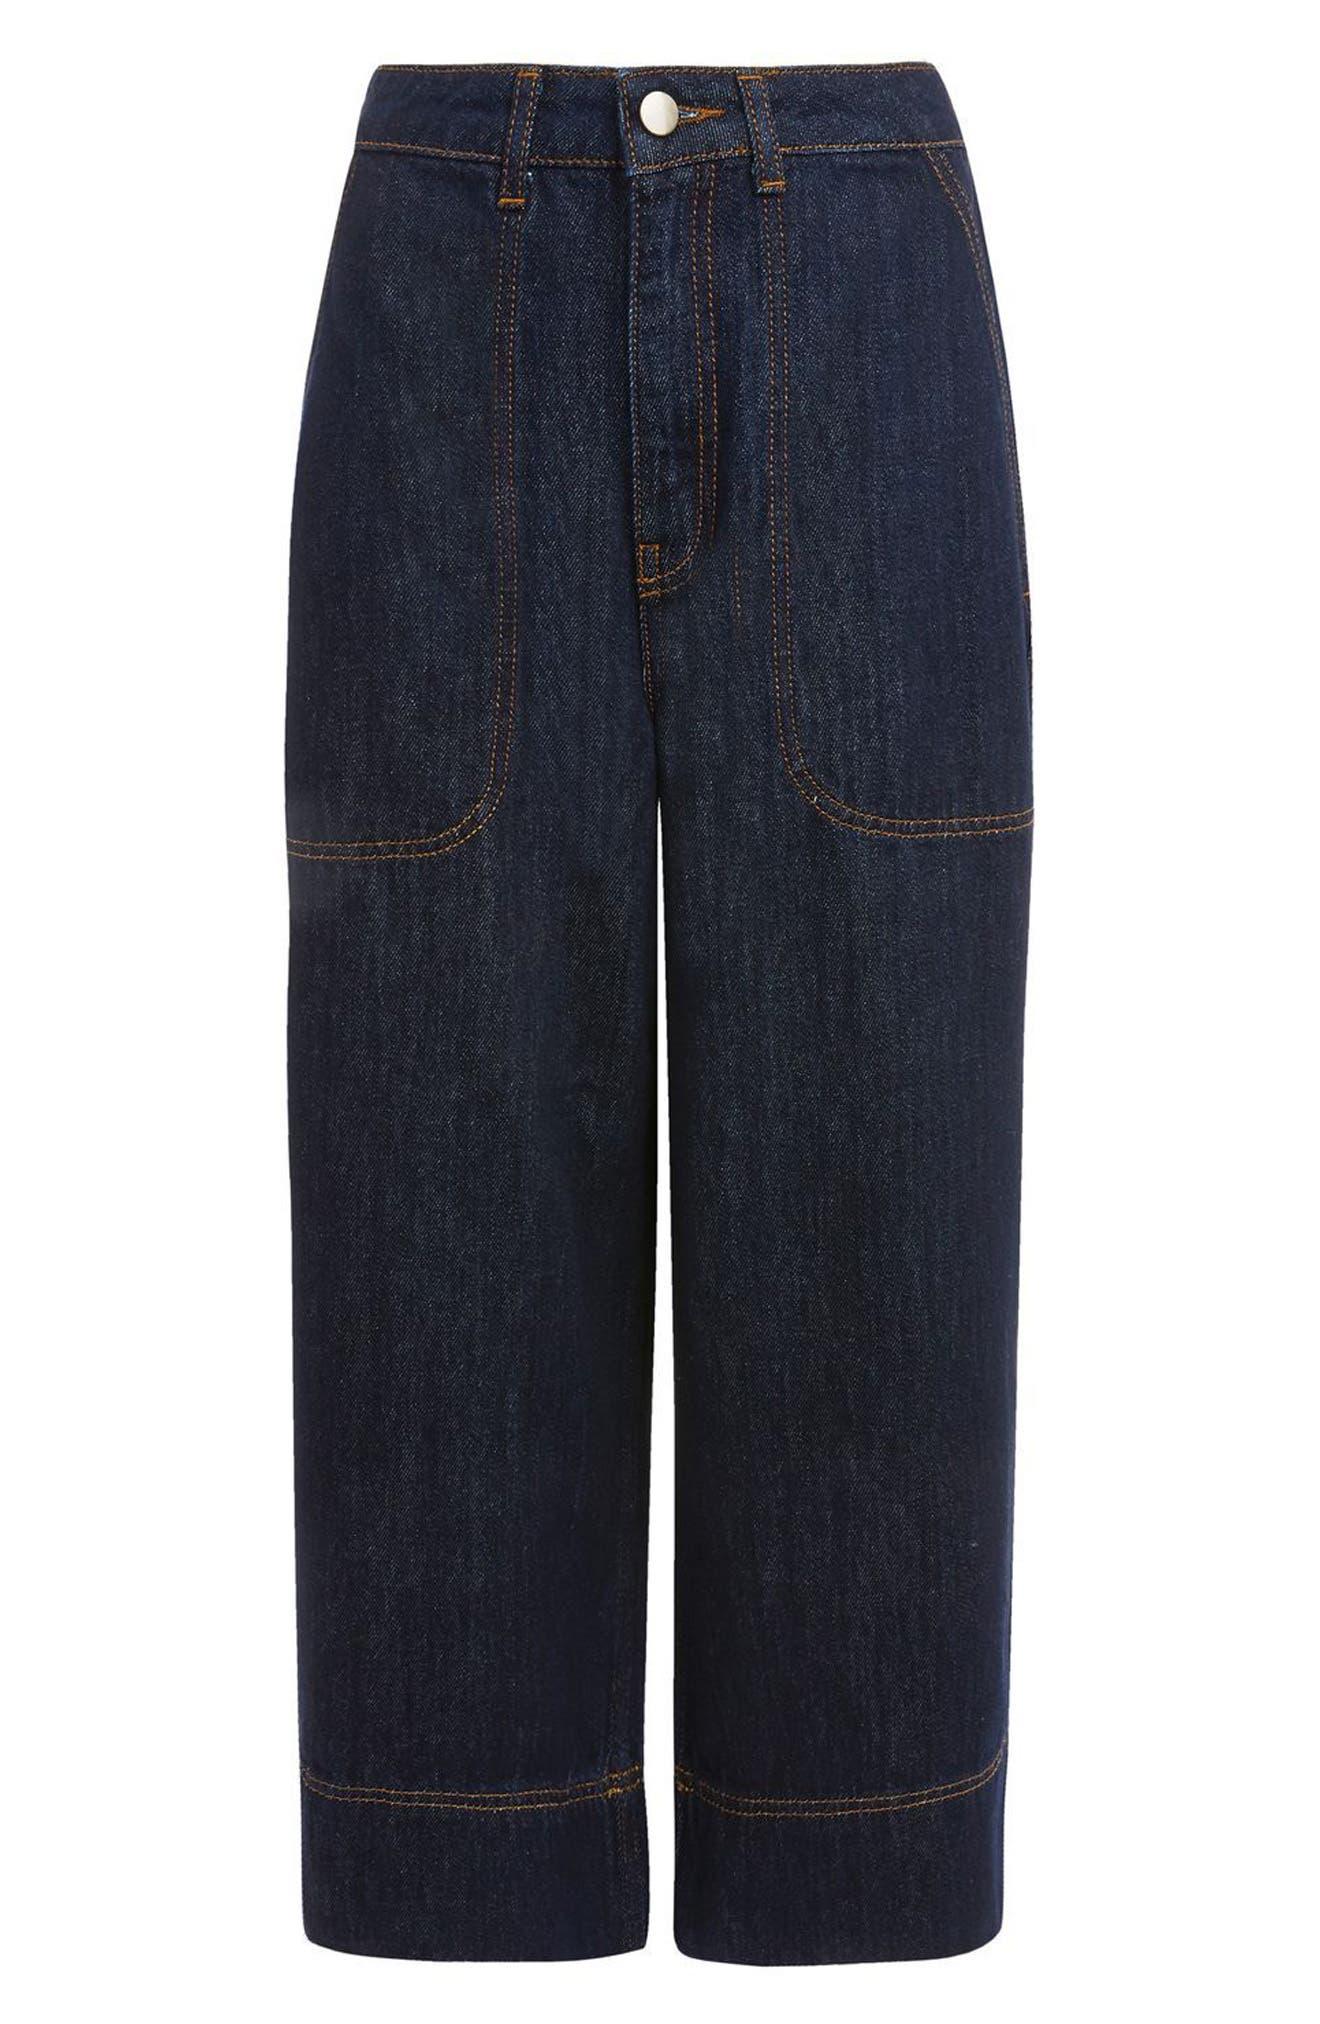 Topshop Boutique Culotte Jeans